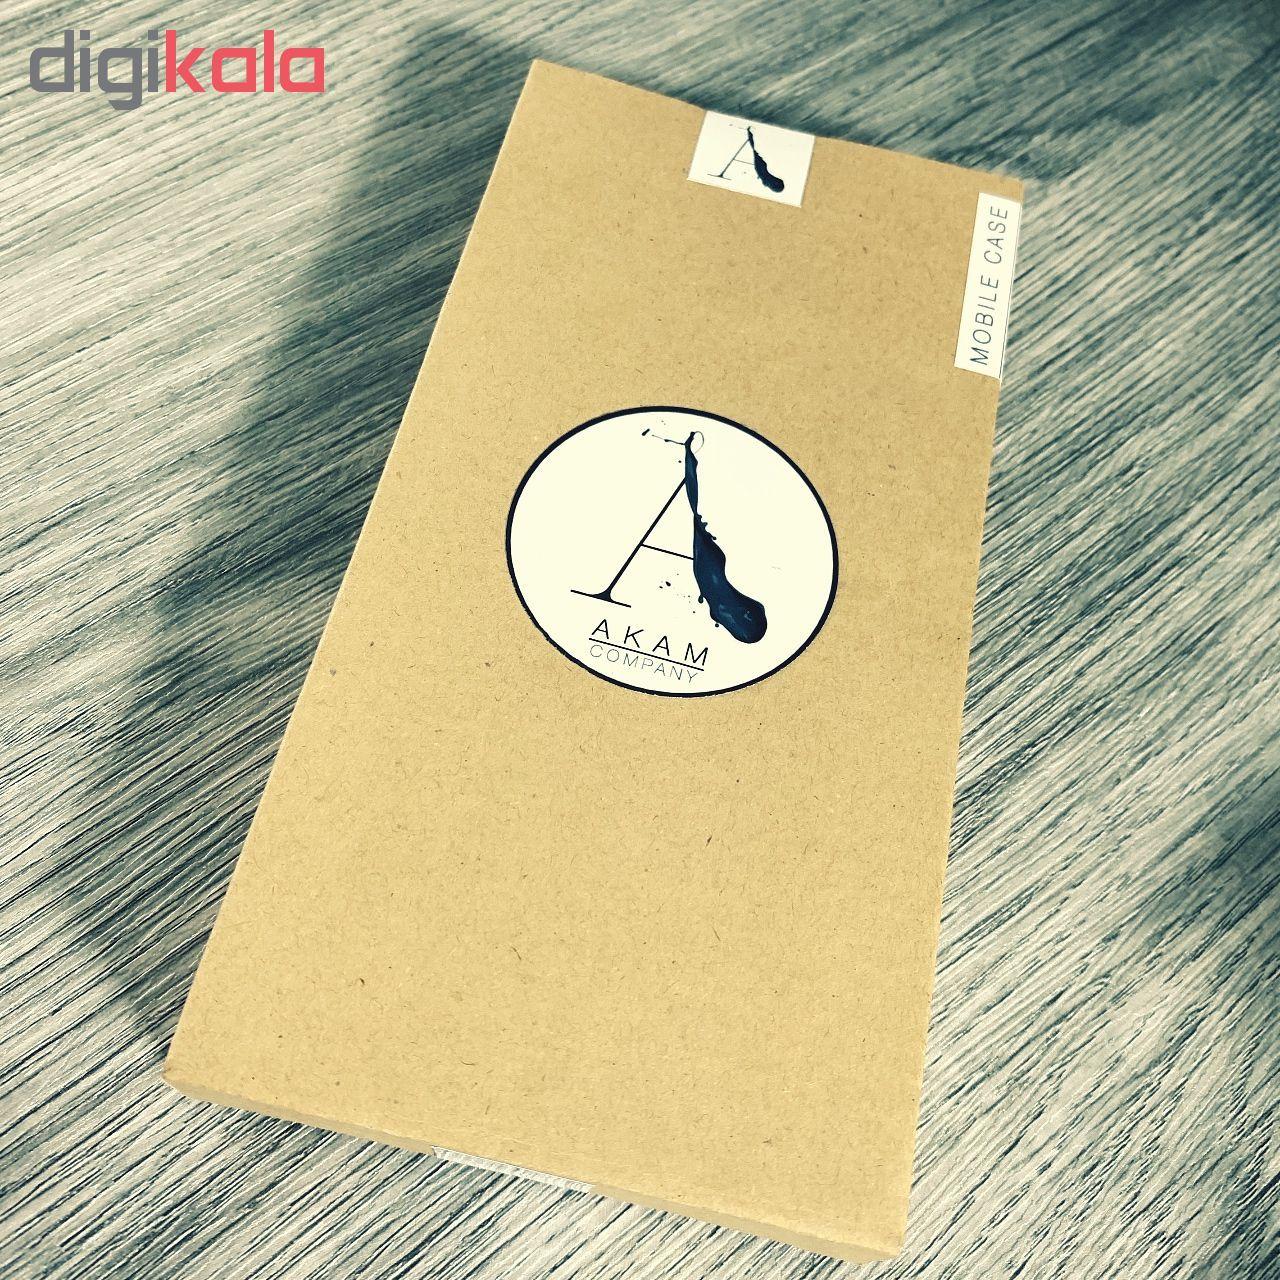 کاور آکام مدل A71711 مناسب برای گوشی موبایل اپل iPhone 7/8 main 1 2